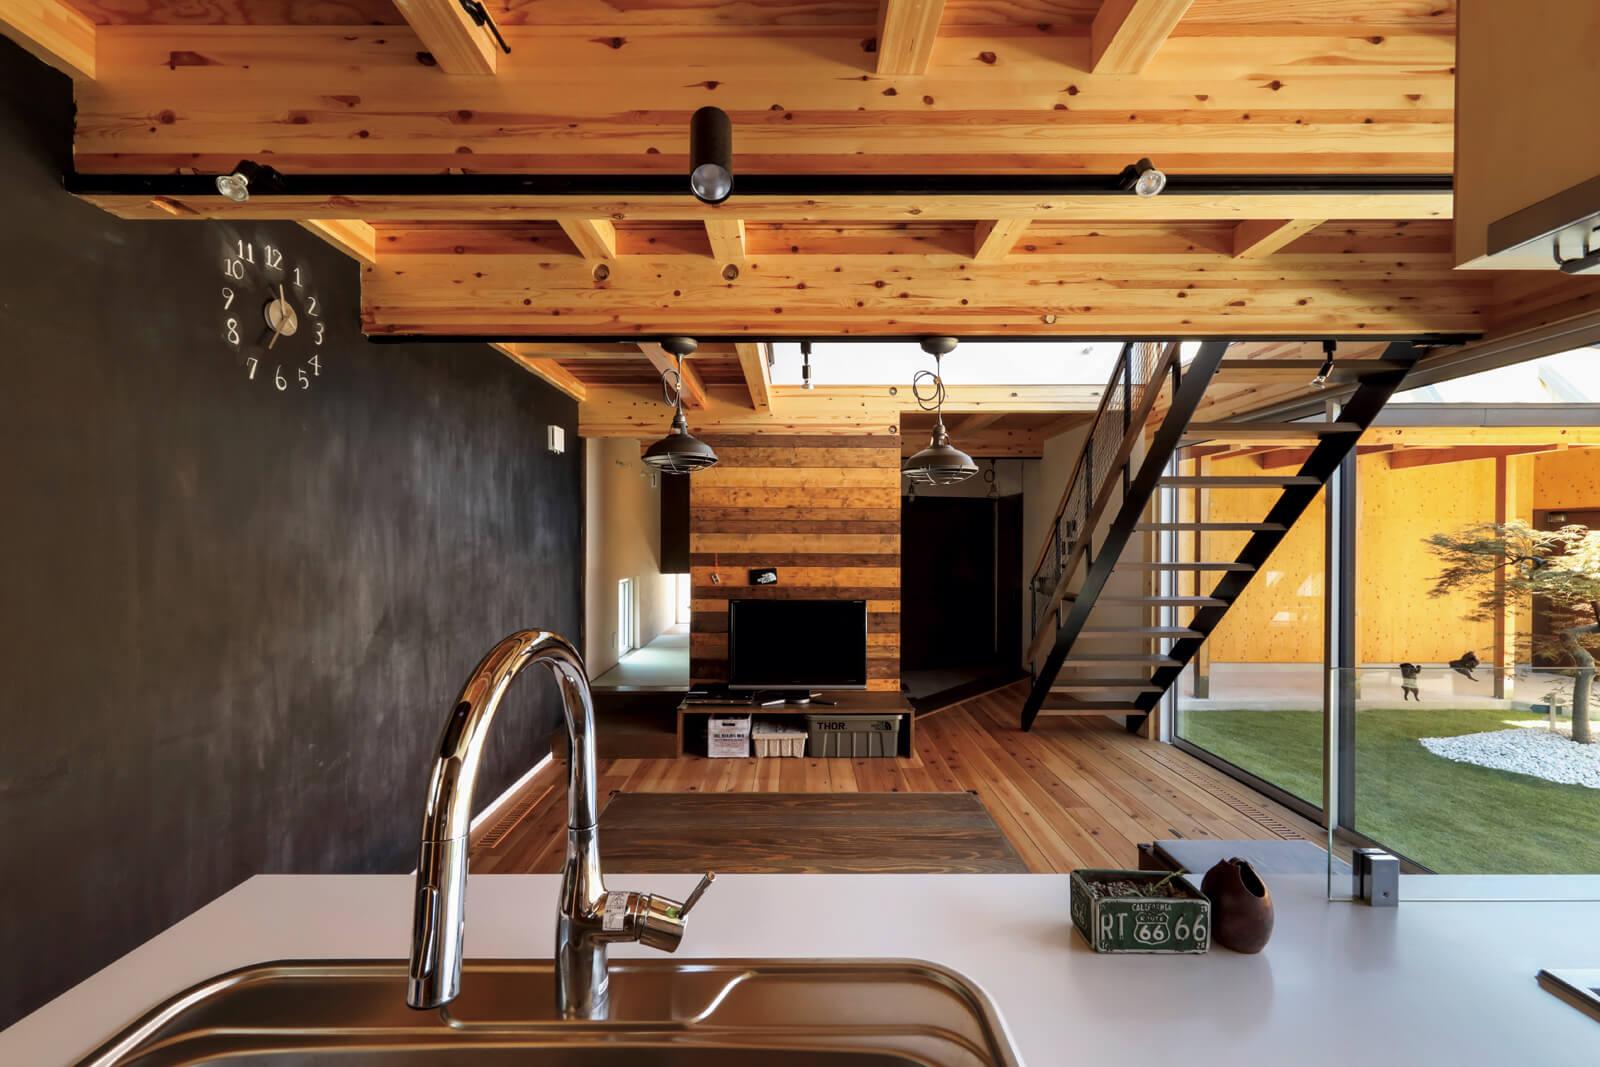 居住空間は生活に必要な要素をコンパクトに凝縮。開放的なアイランド型キッチンをチョイスし、場所を取るソファやダイニングテーブルの代わりに掘りごたつのちゃぶ台を備え付けるなど、限られた空間でも窮屈に見えないよう工夫